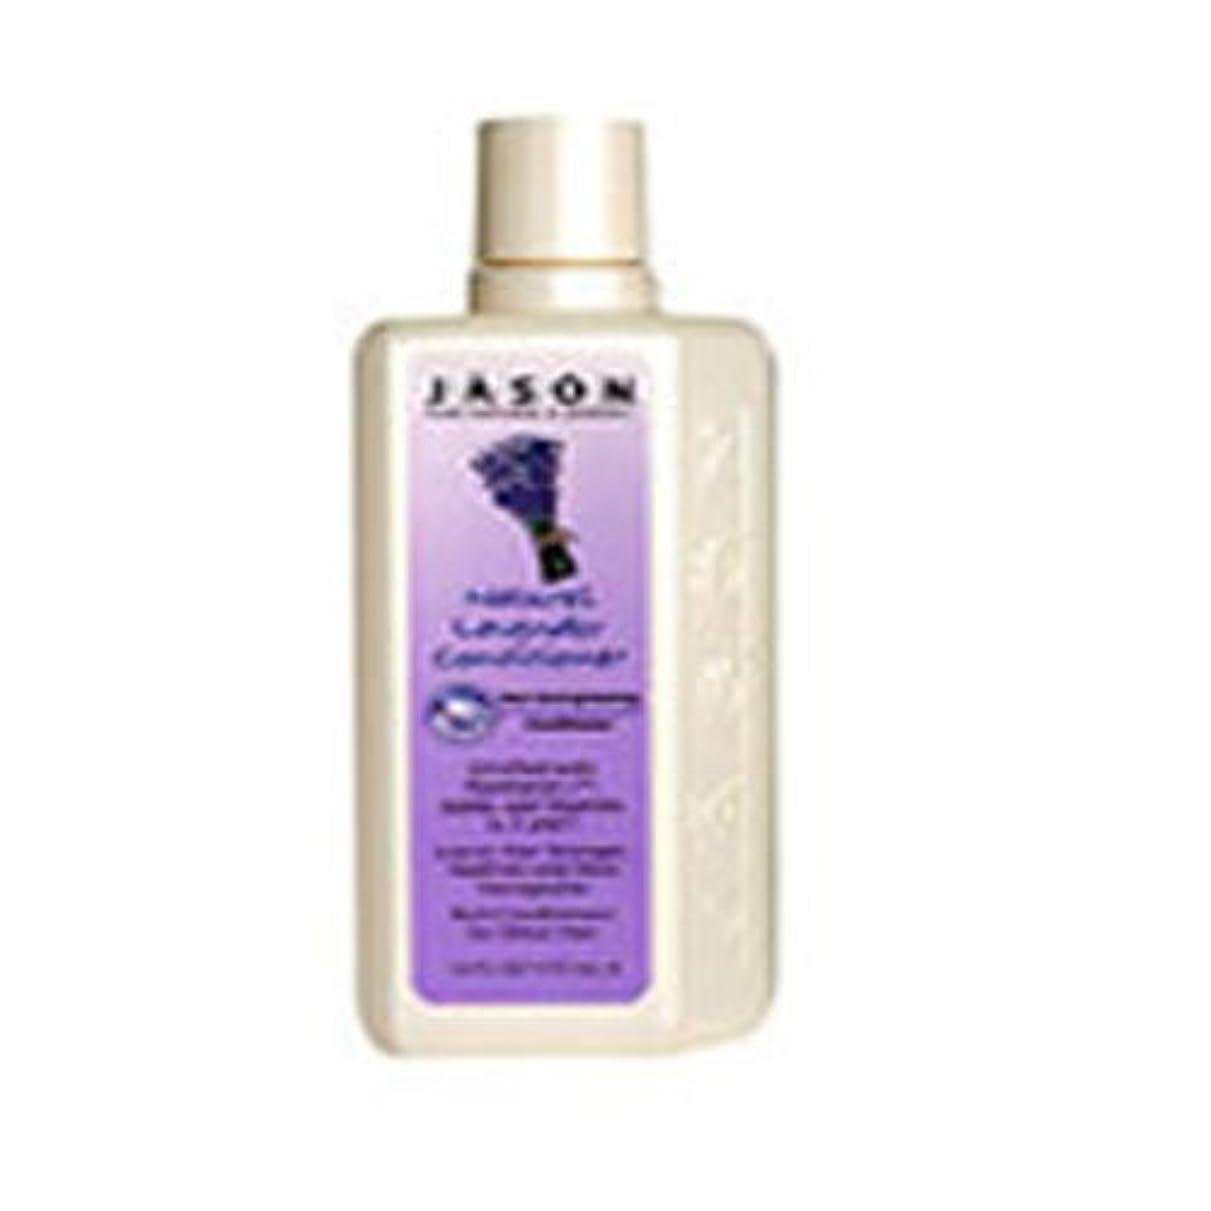 スチール薬理学少しx Jason Hair Strengthening Conditioner Lavender - 16 fl oz by Jason Natural Products